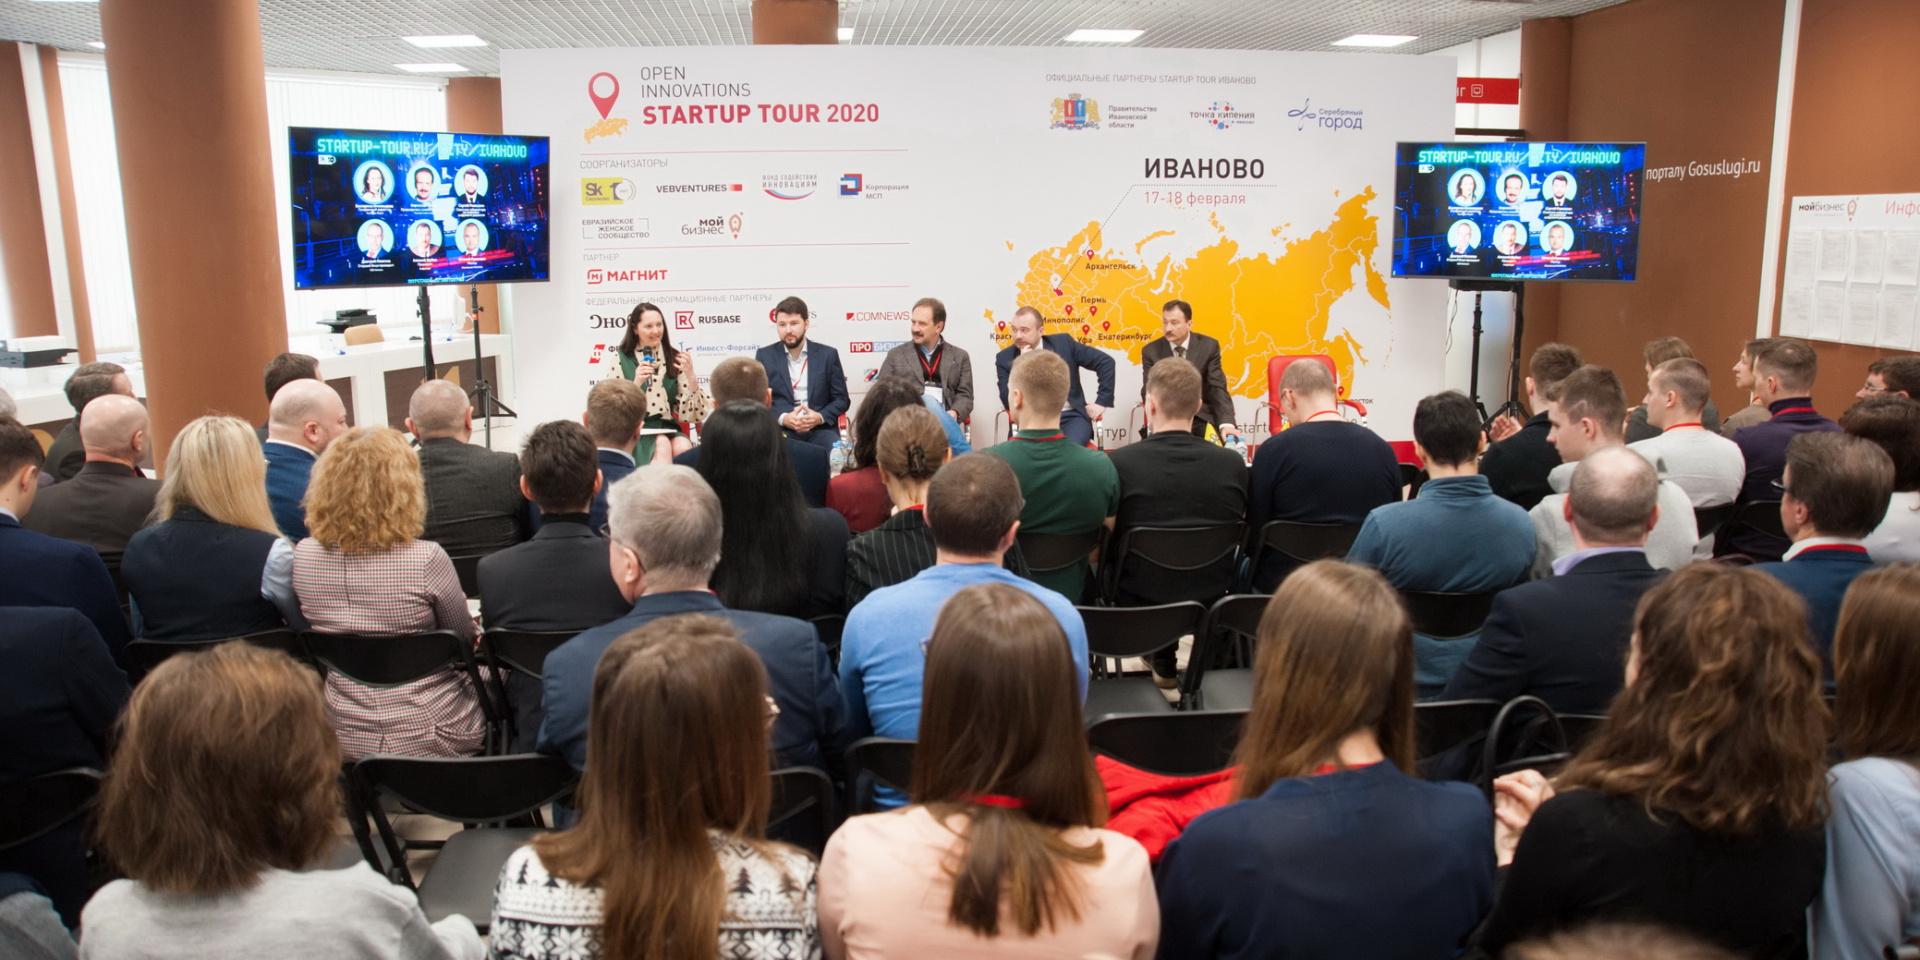 Стартап из Ивановской области вышел в полуфинал конкурса «Startup Tour»